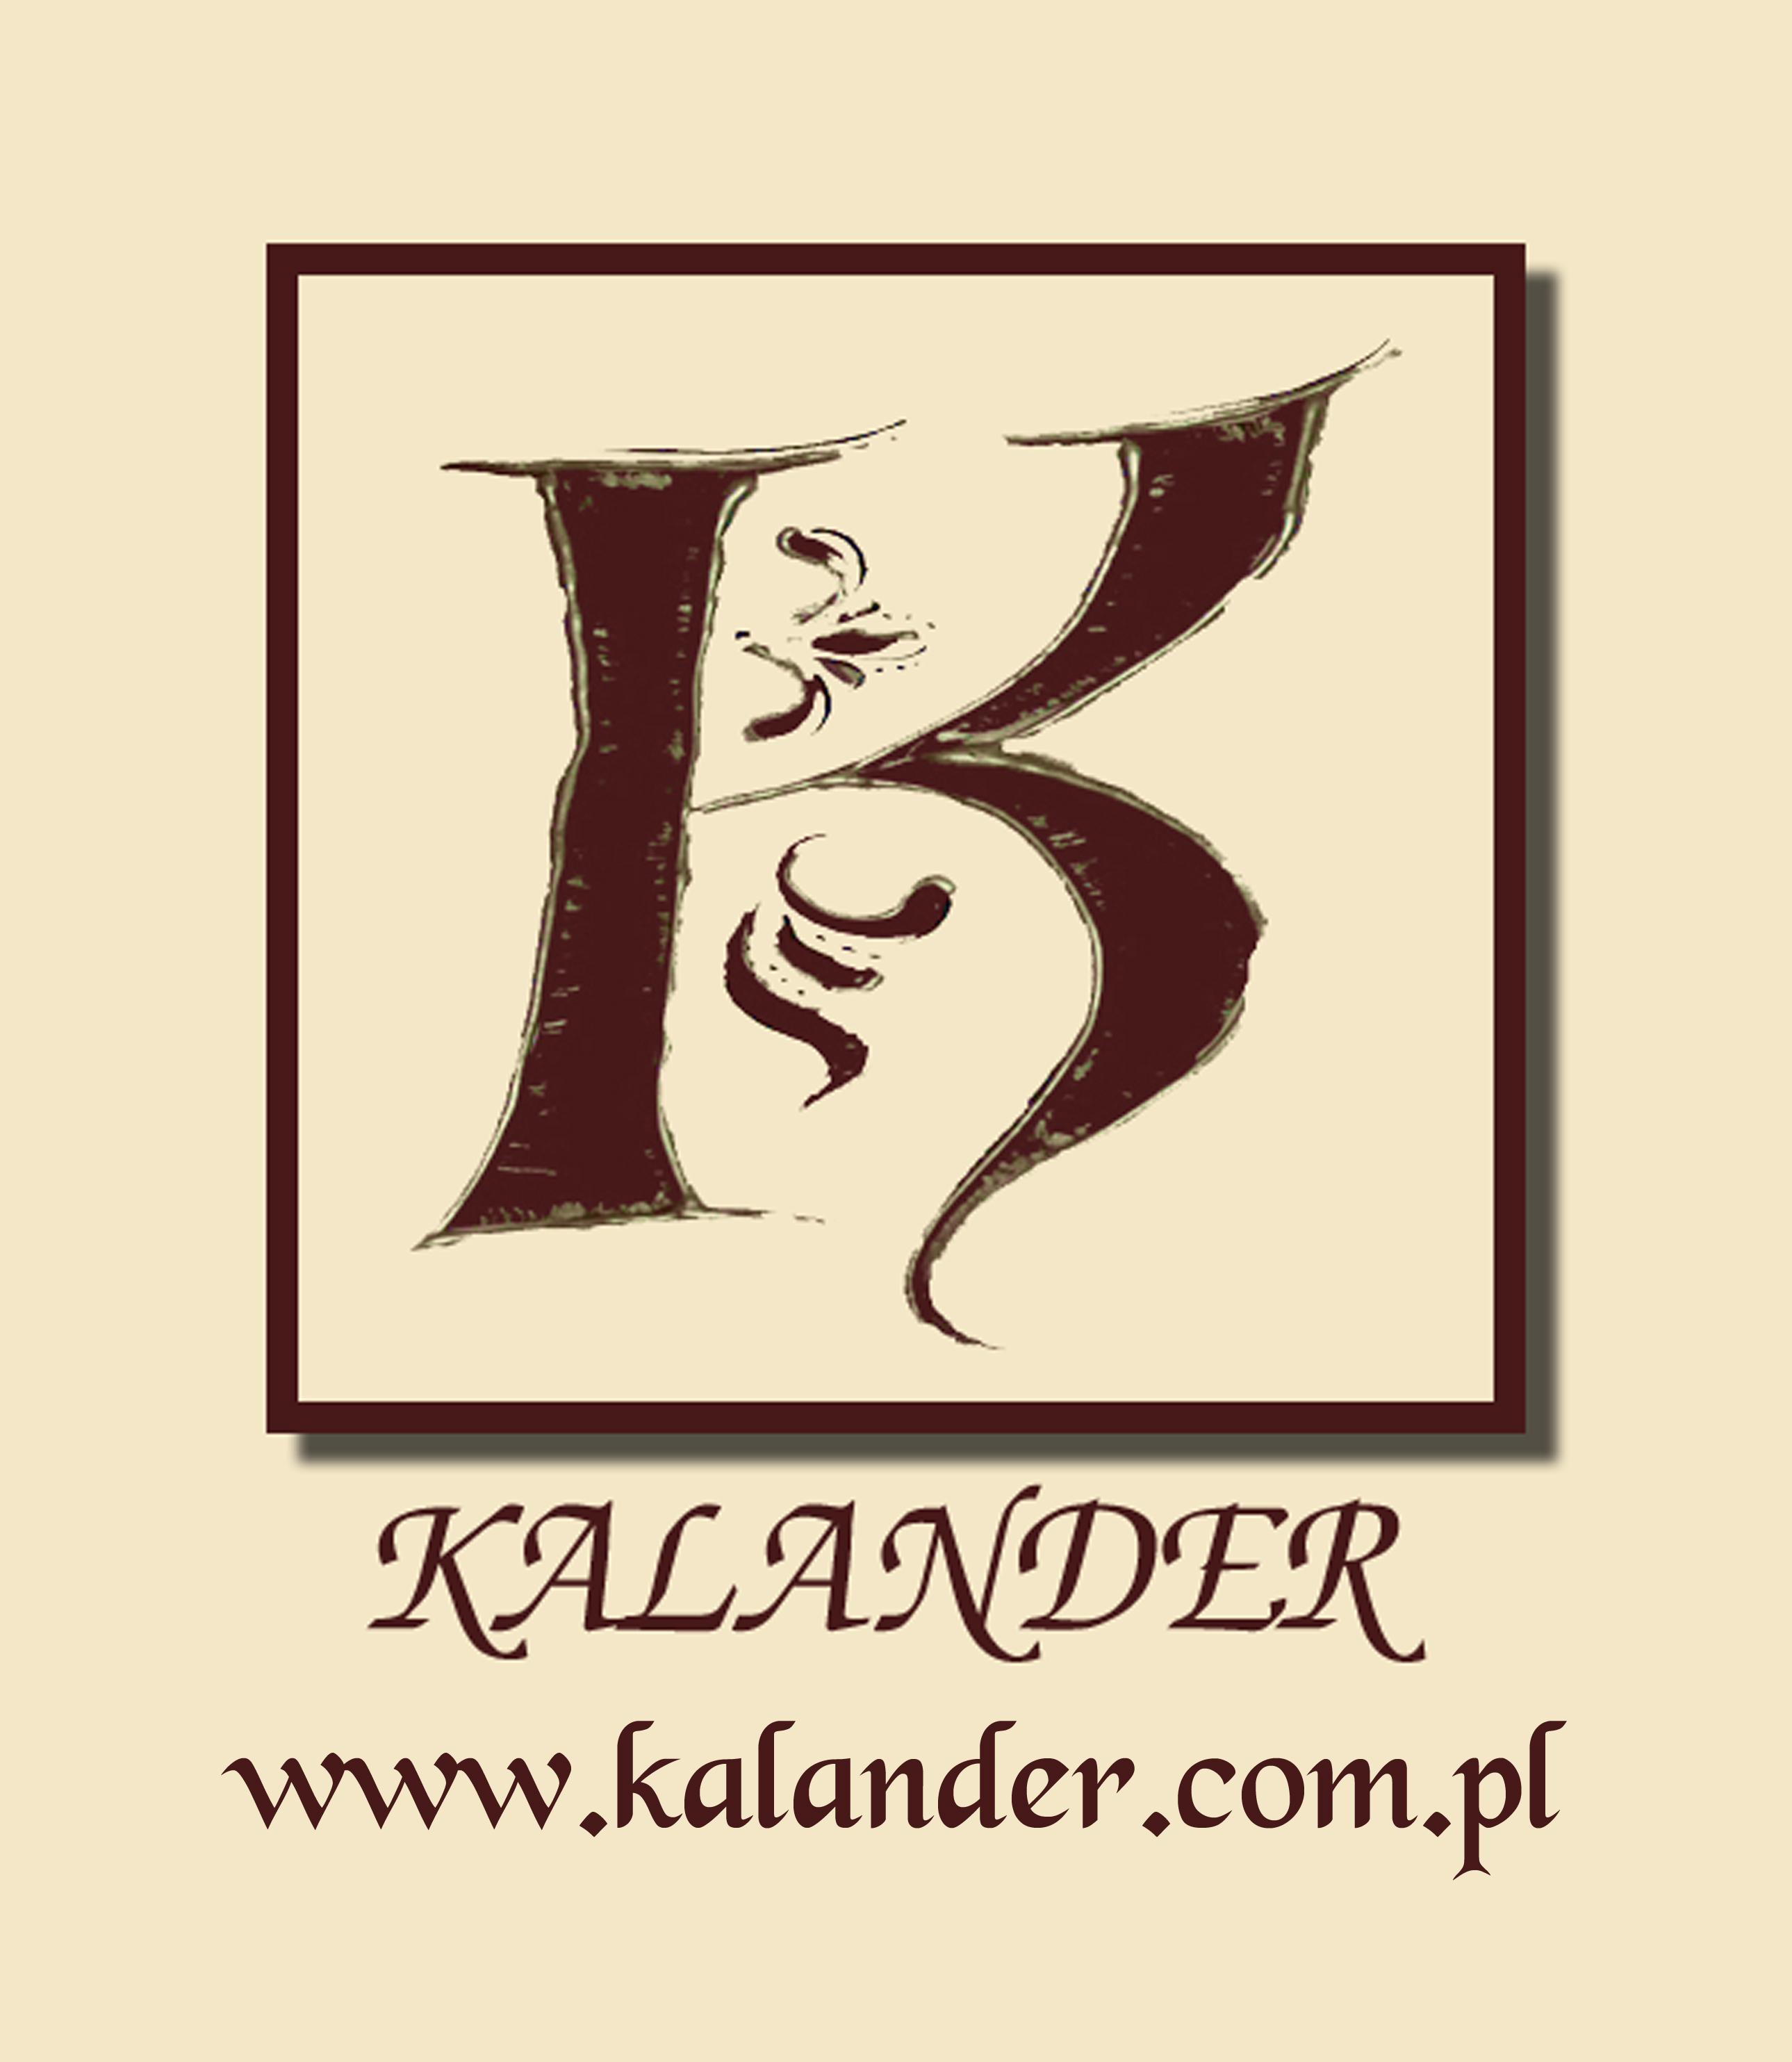 Kalander